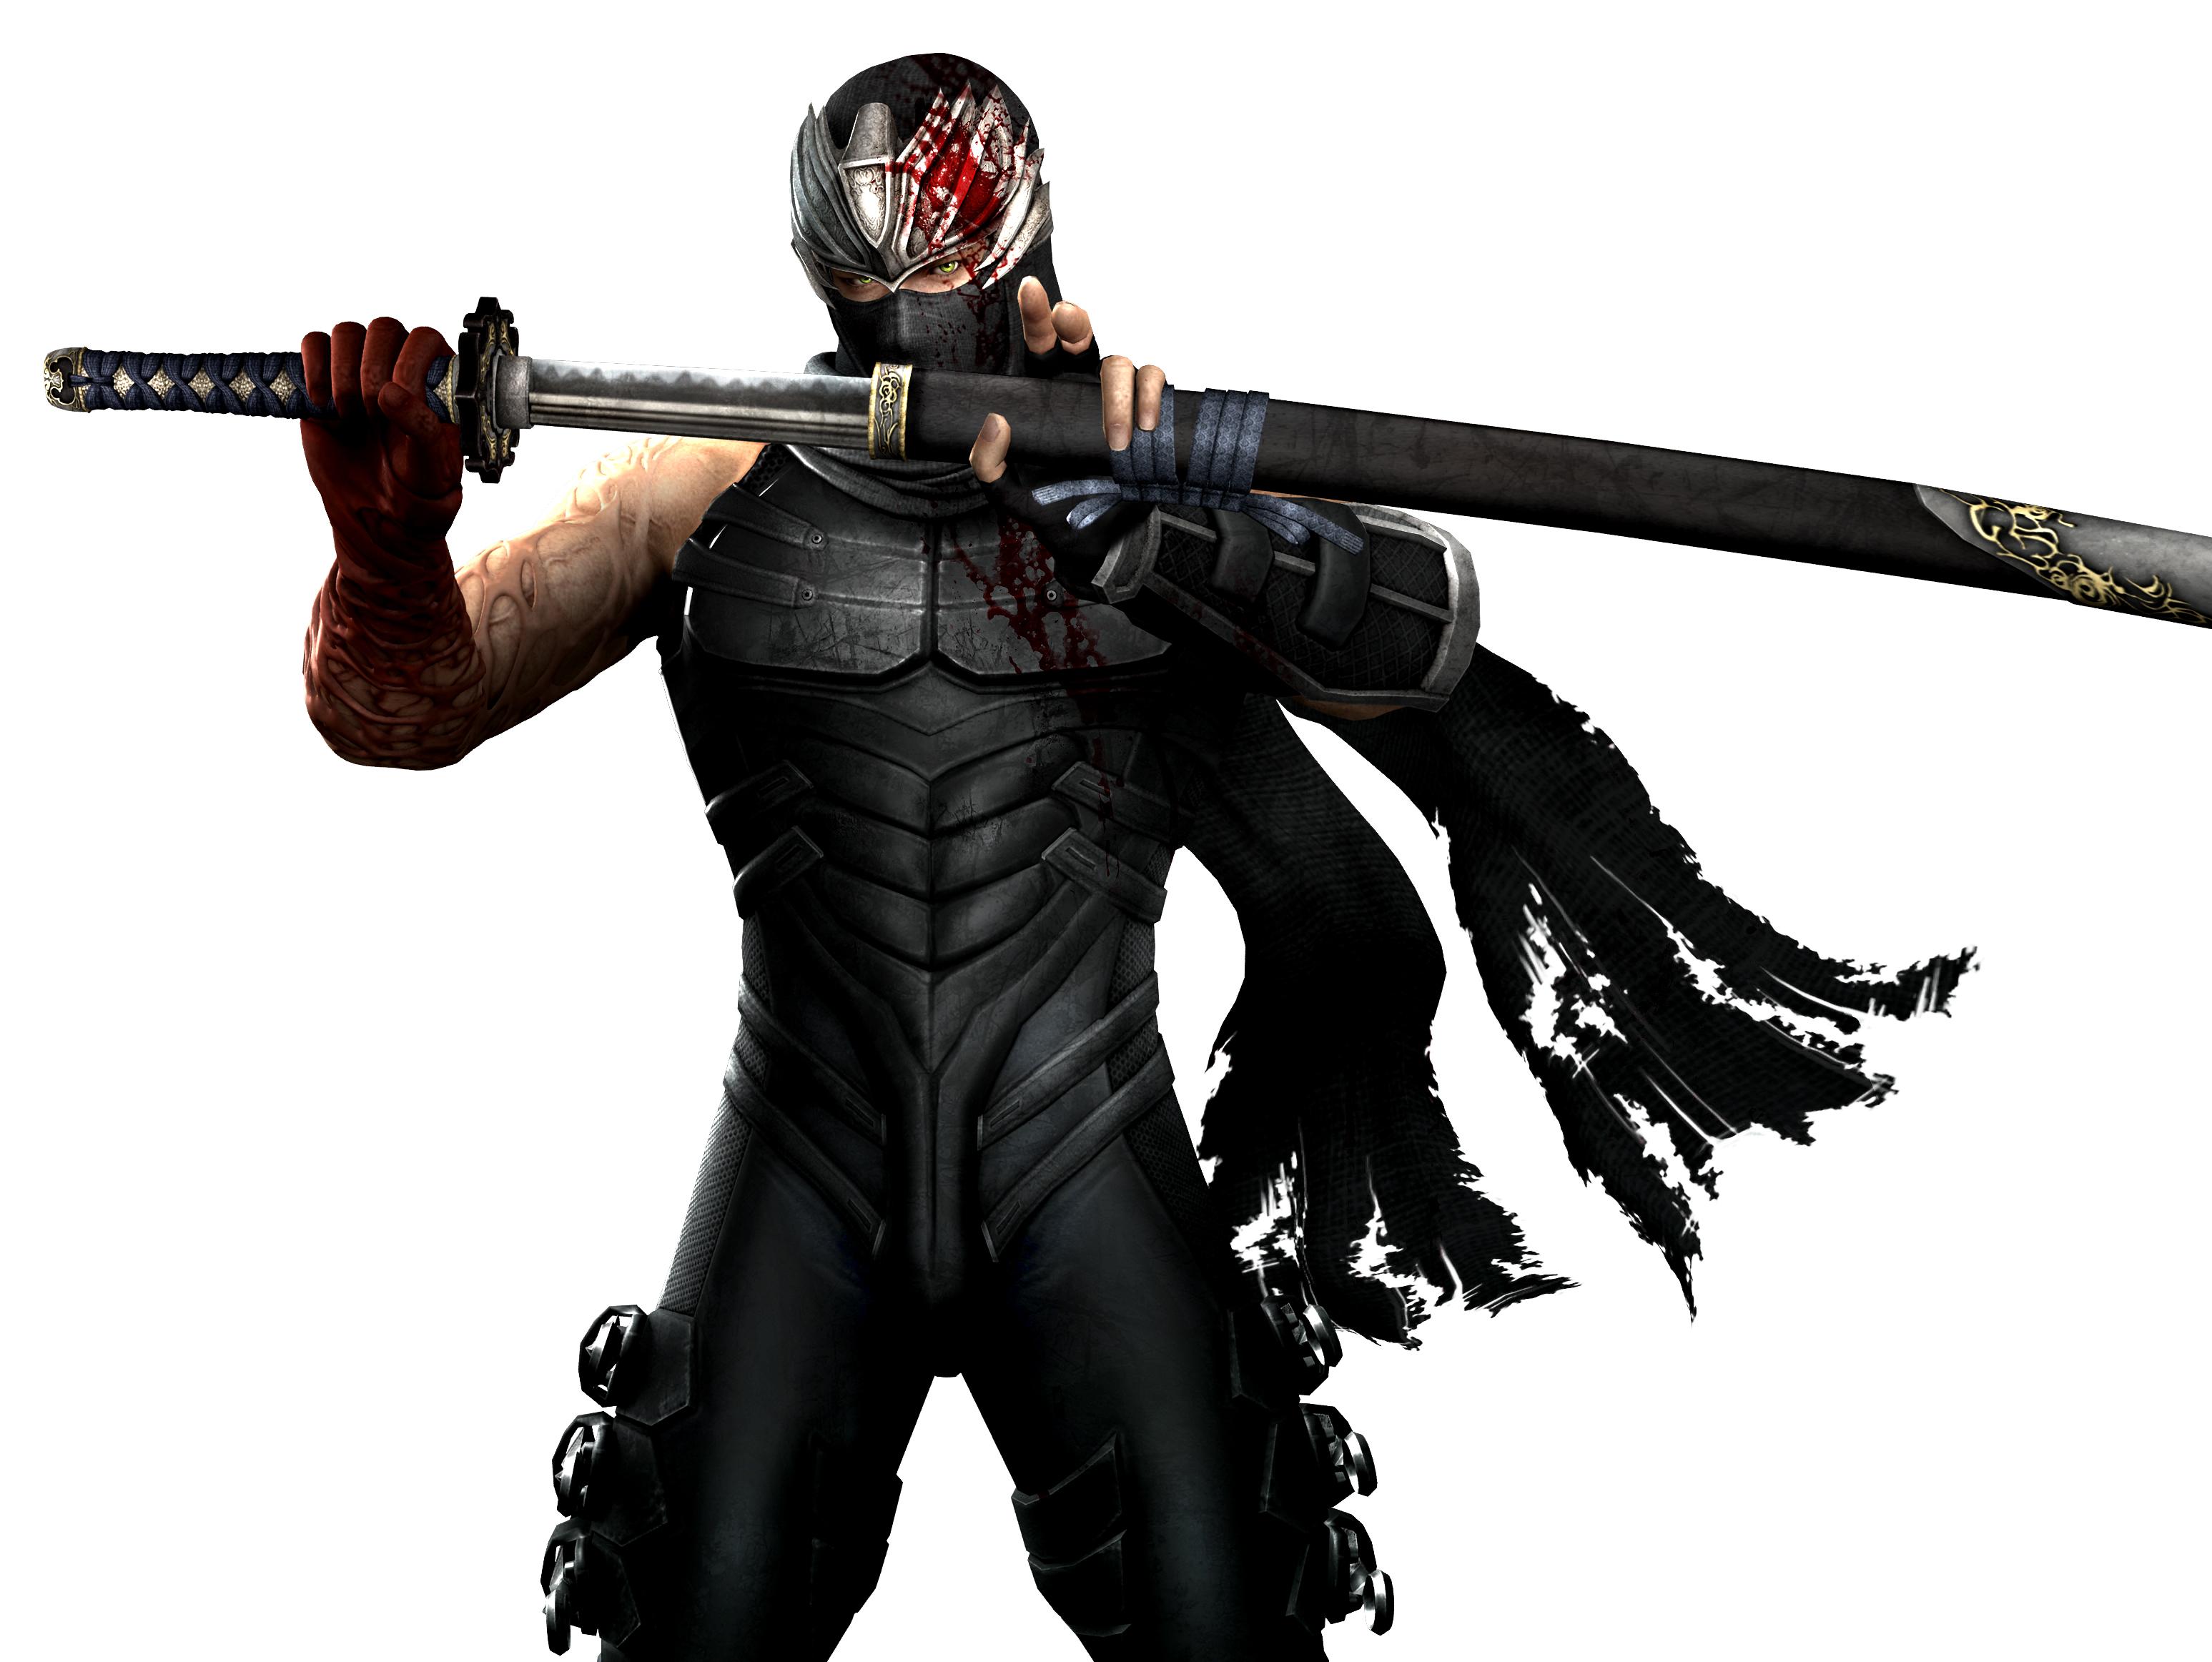 ninja dressed in black